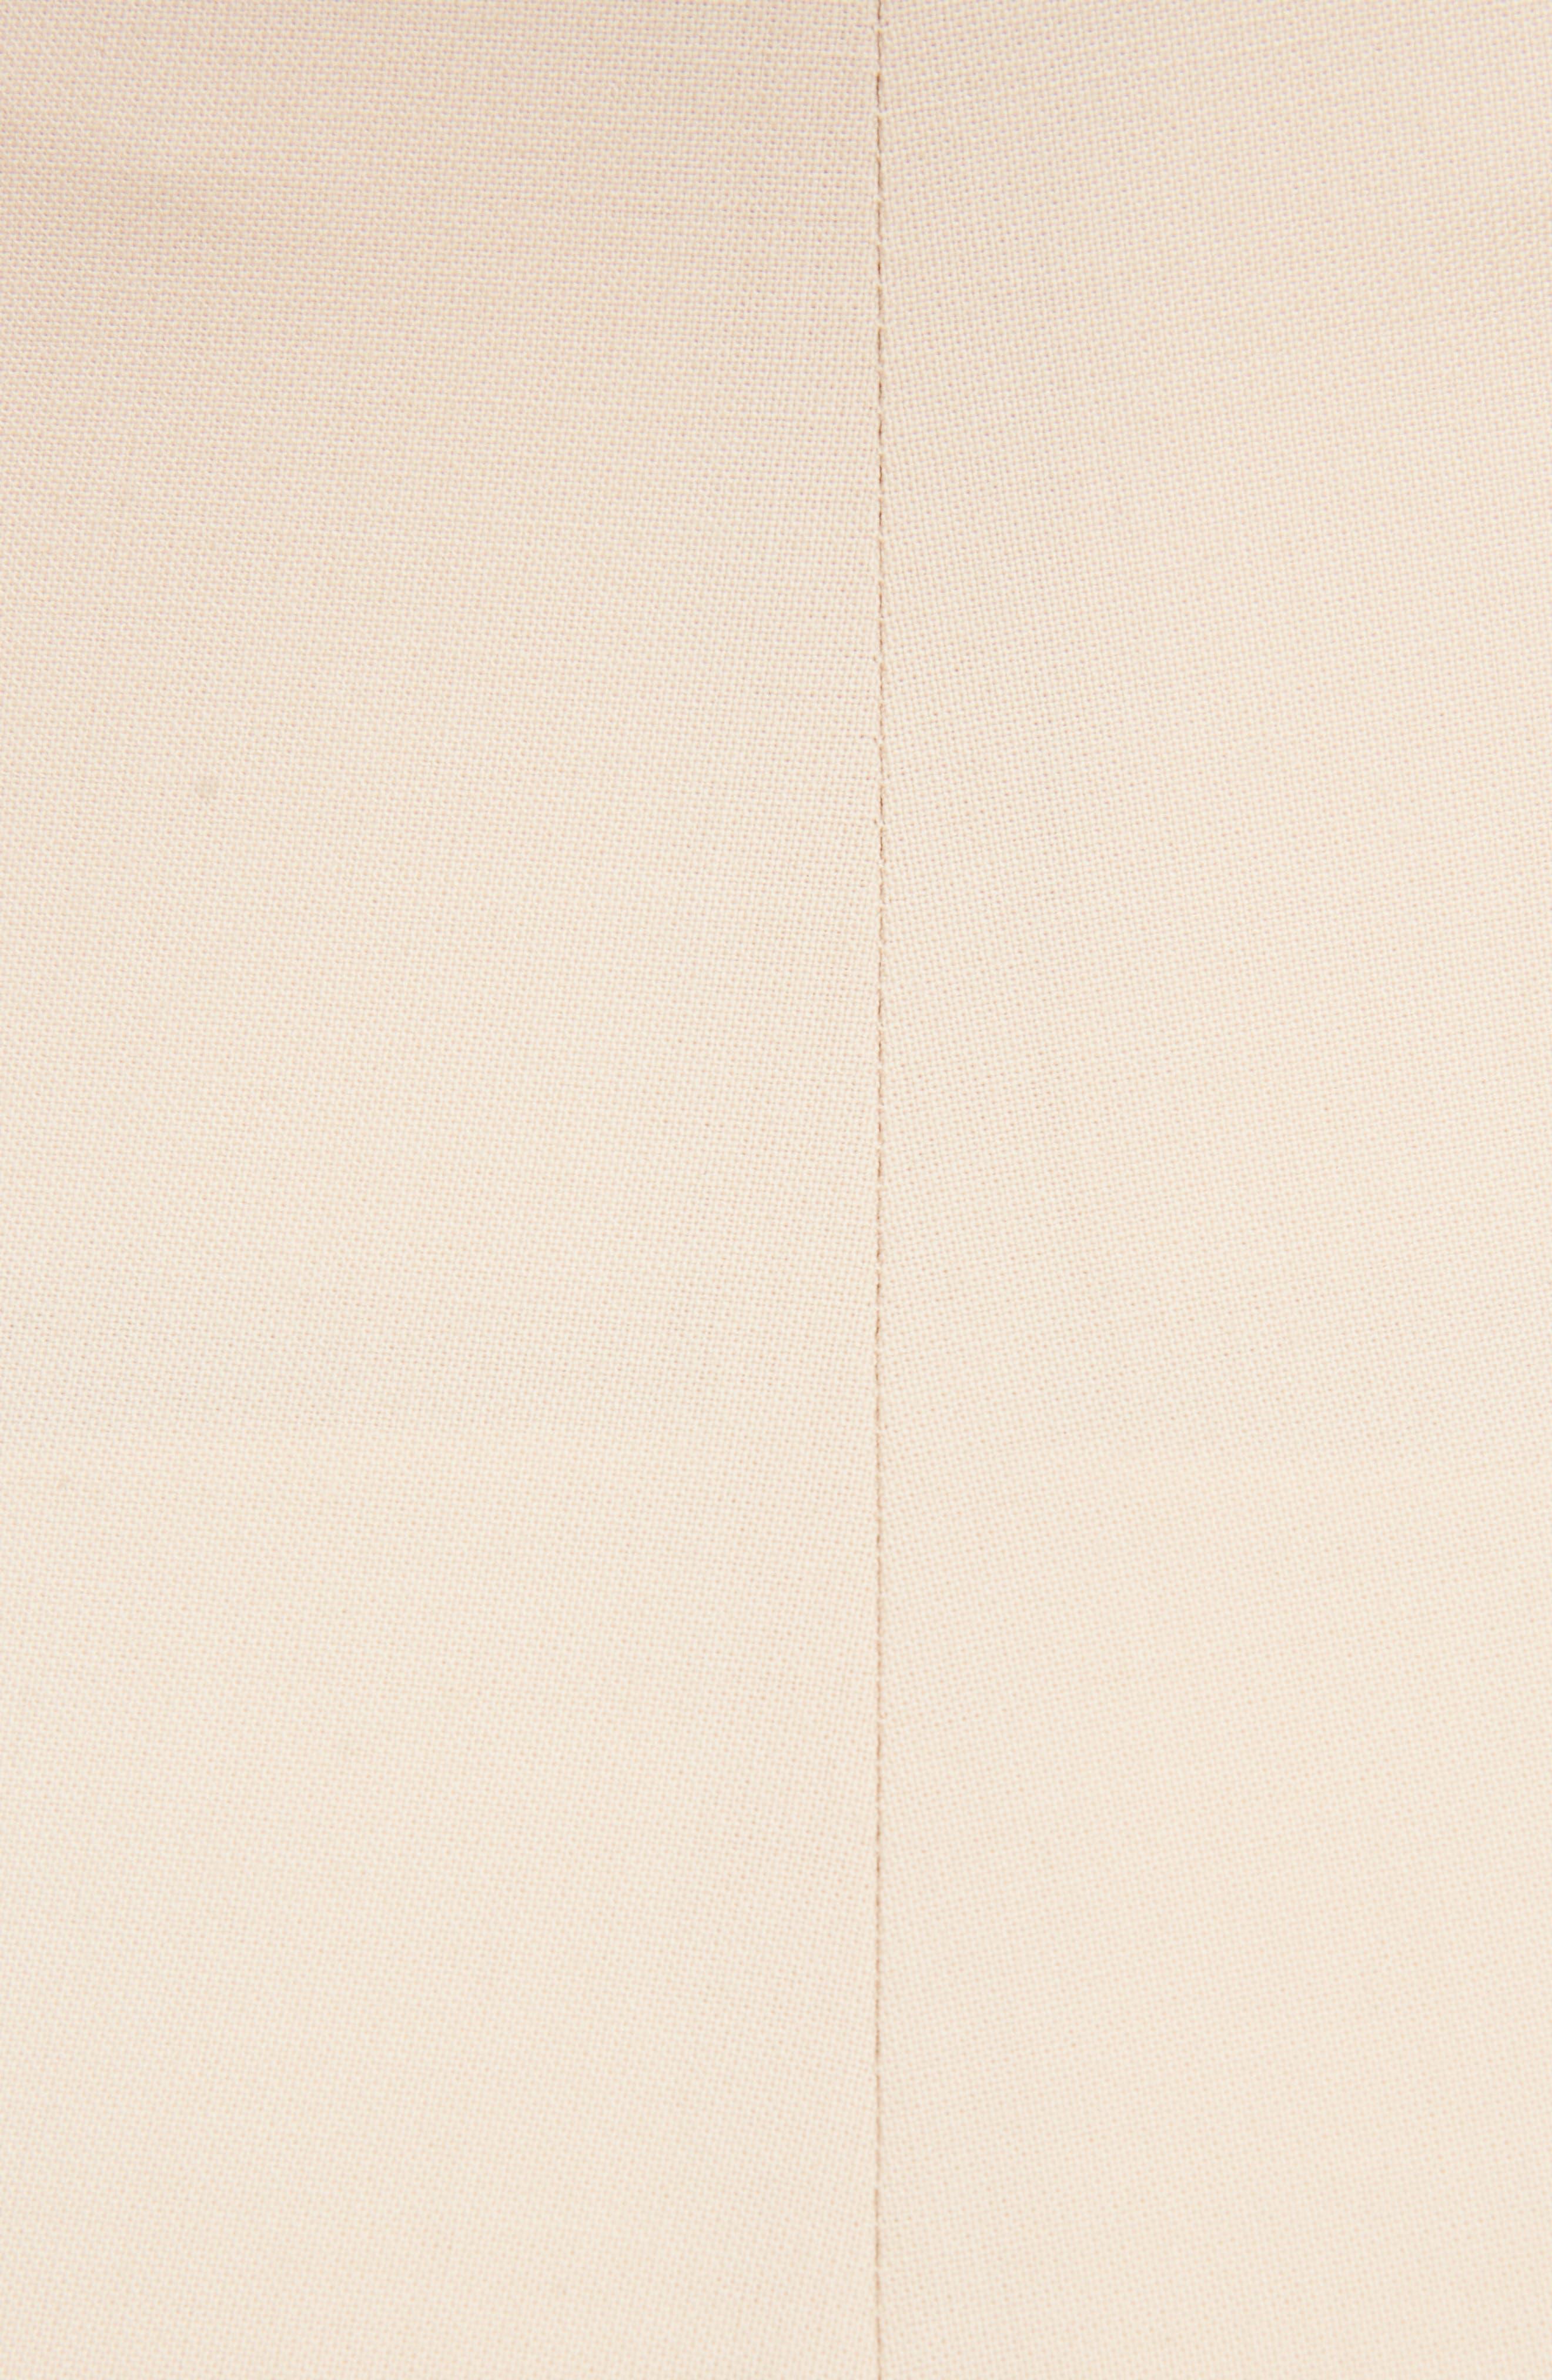 Le Pantalon Droit High Waist Crop Pants,                             Alternate thumbnail 5, color,                             250